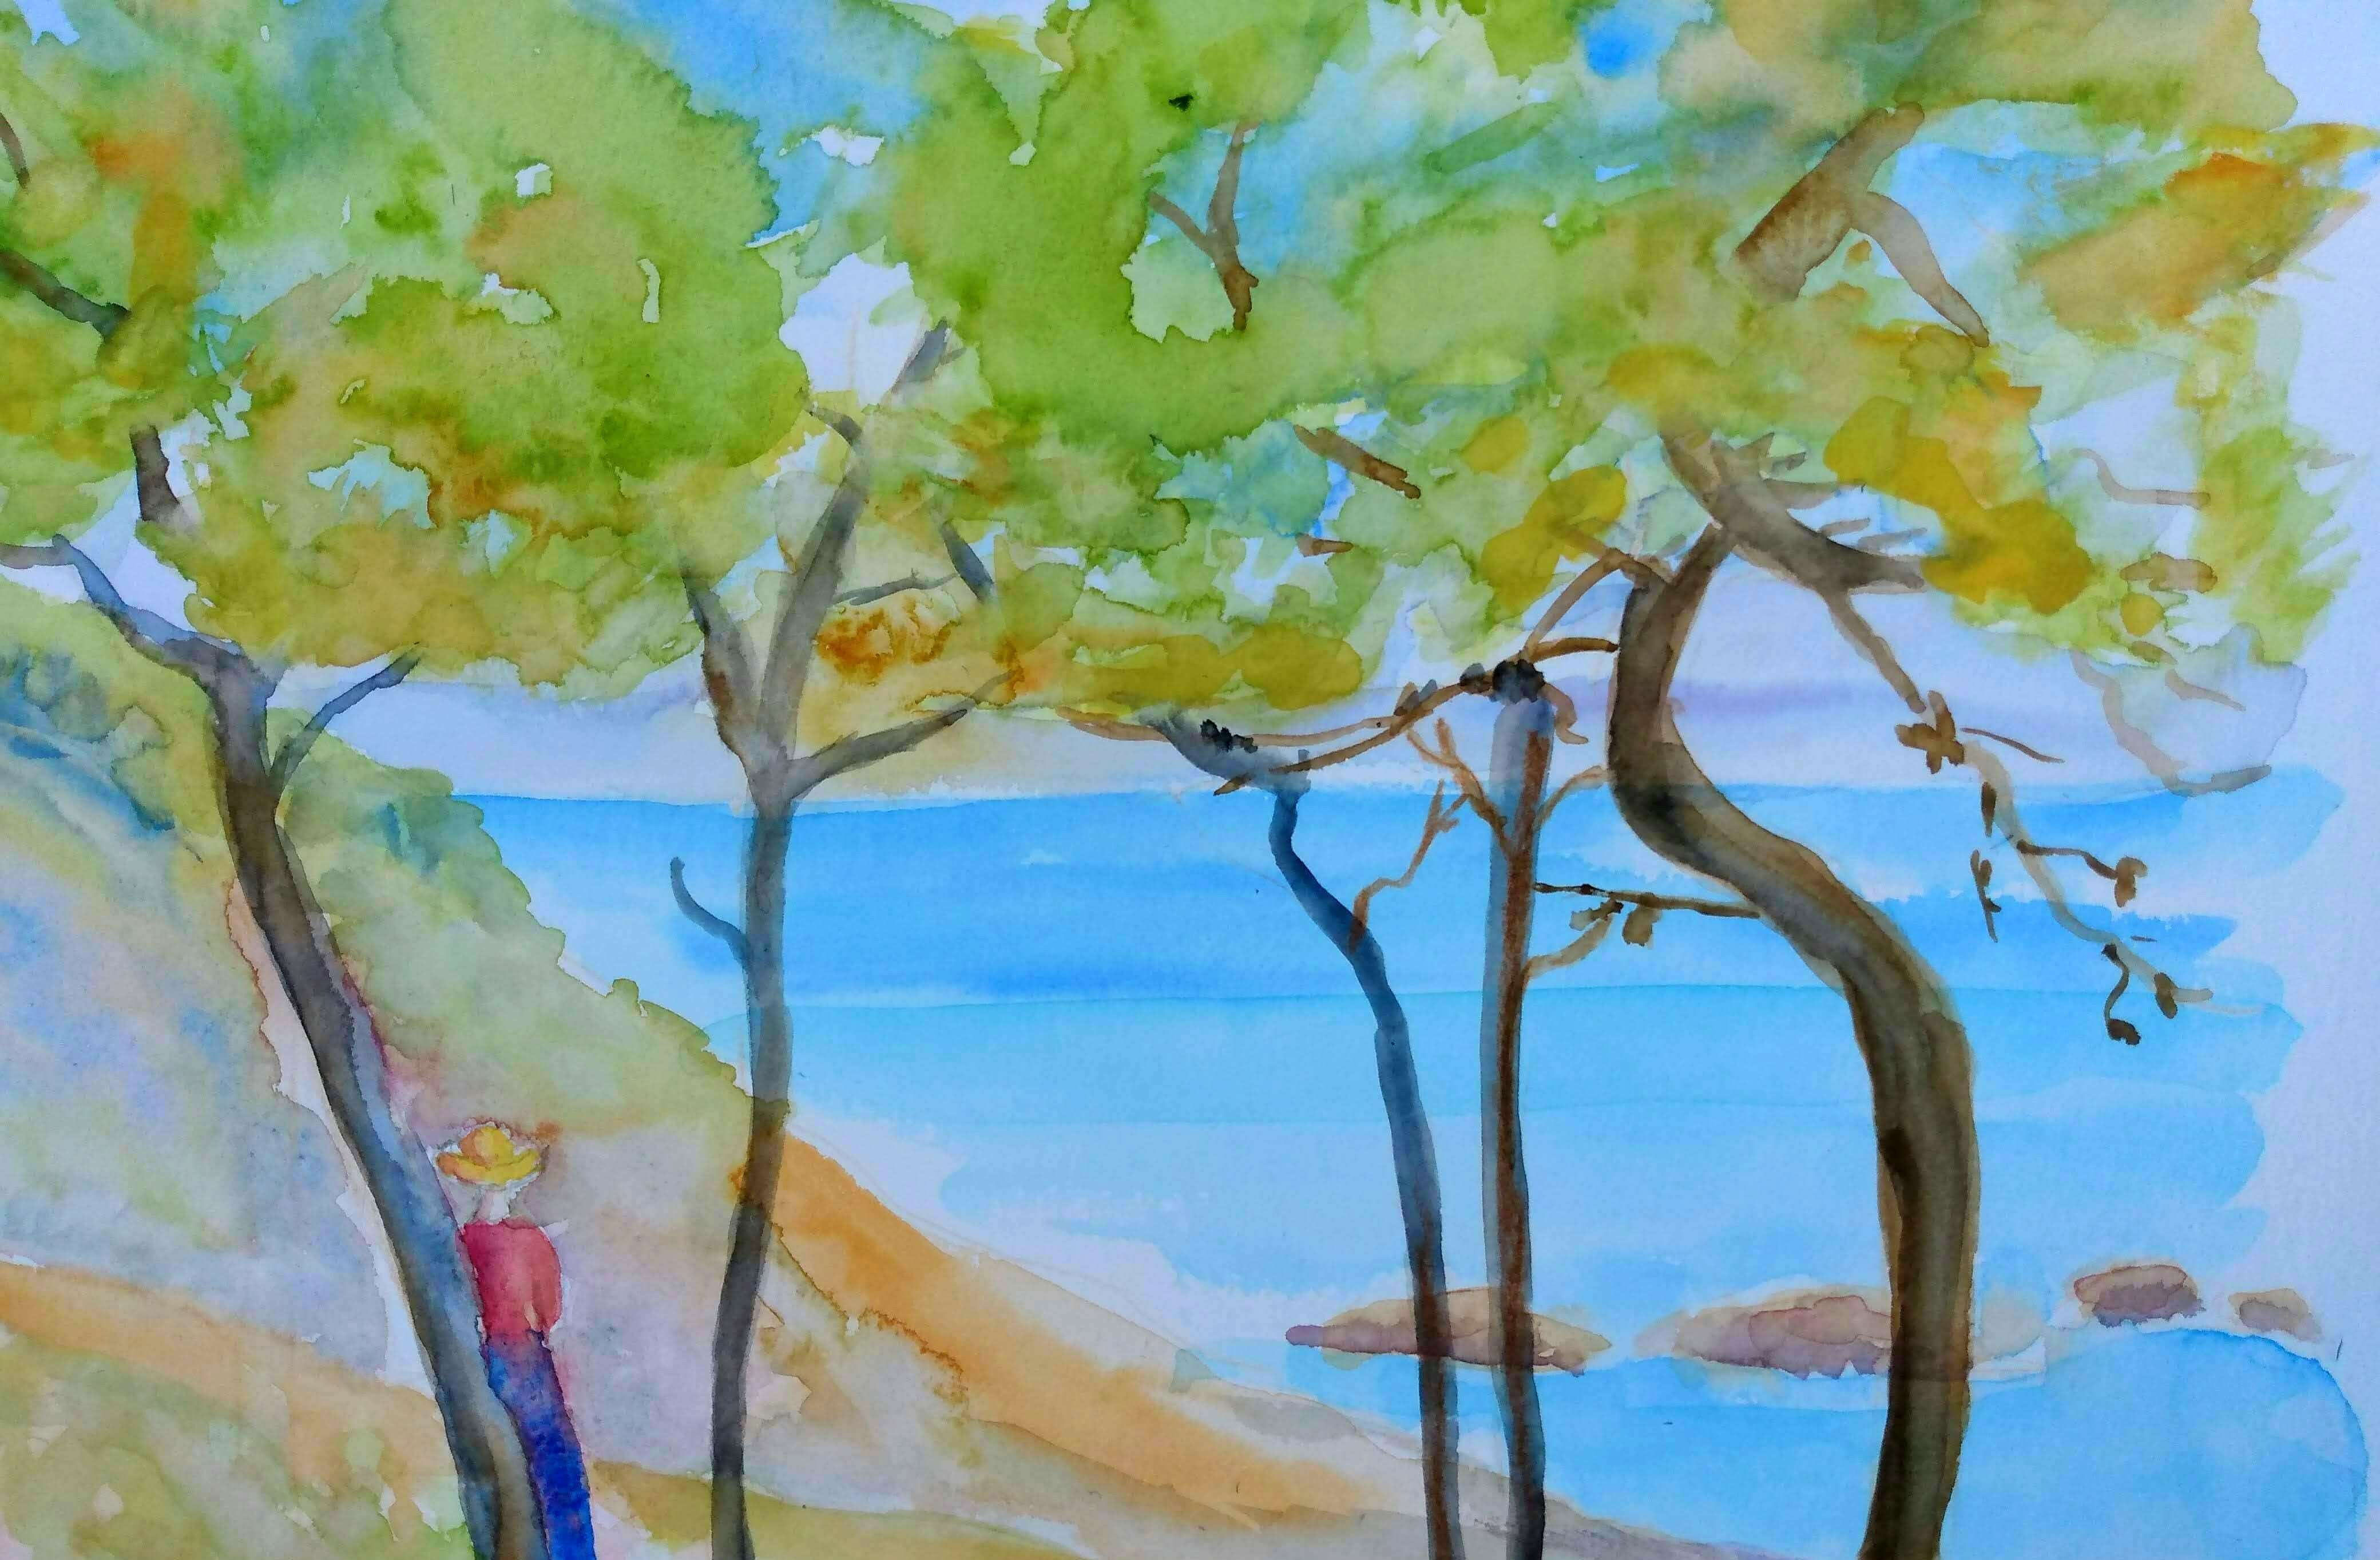 Janick. L, artiste-peintre. Dinan